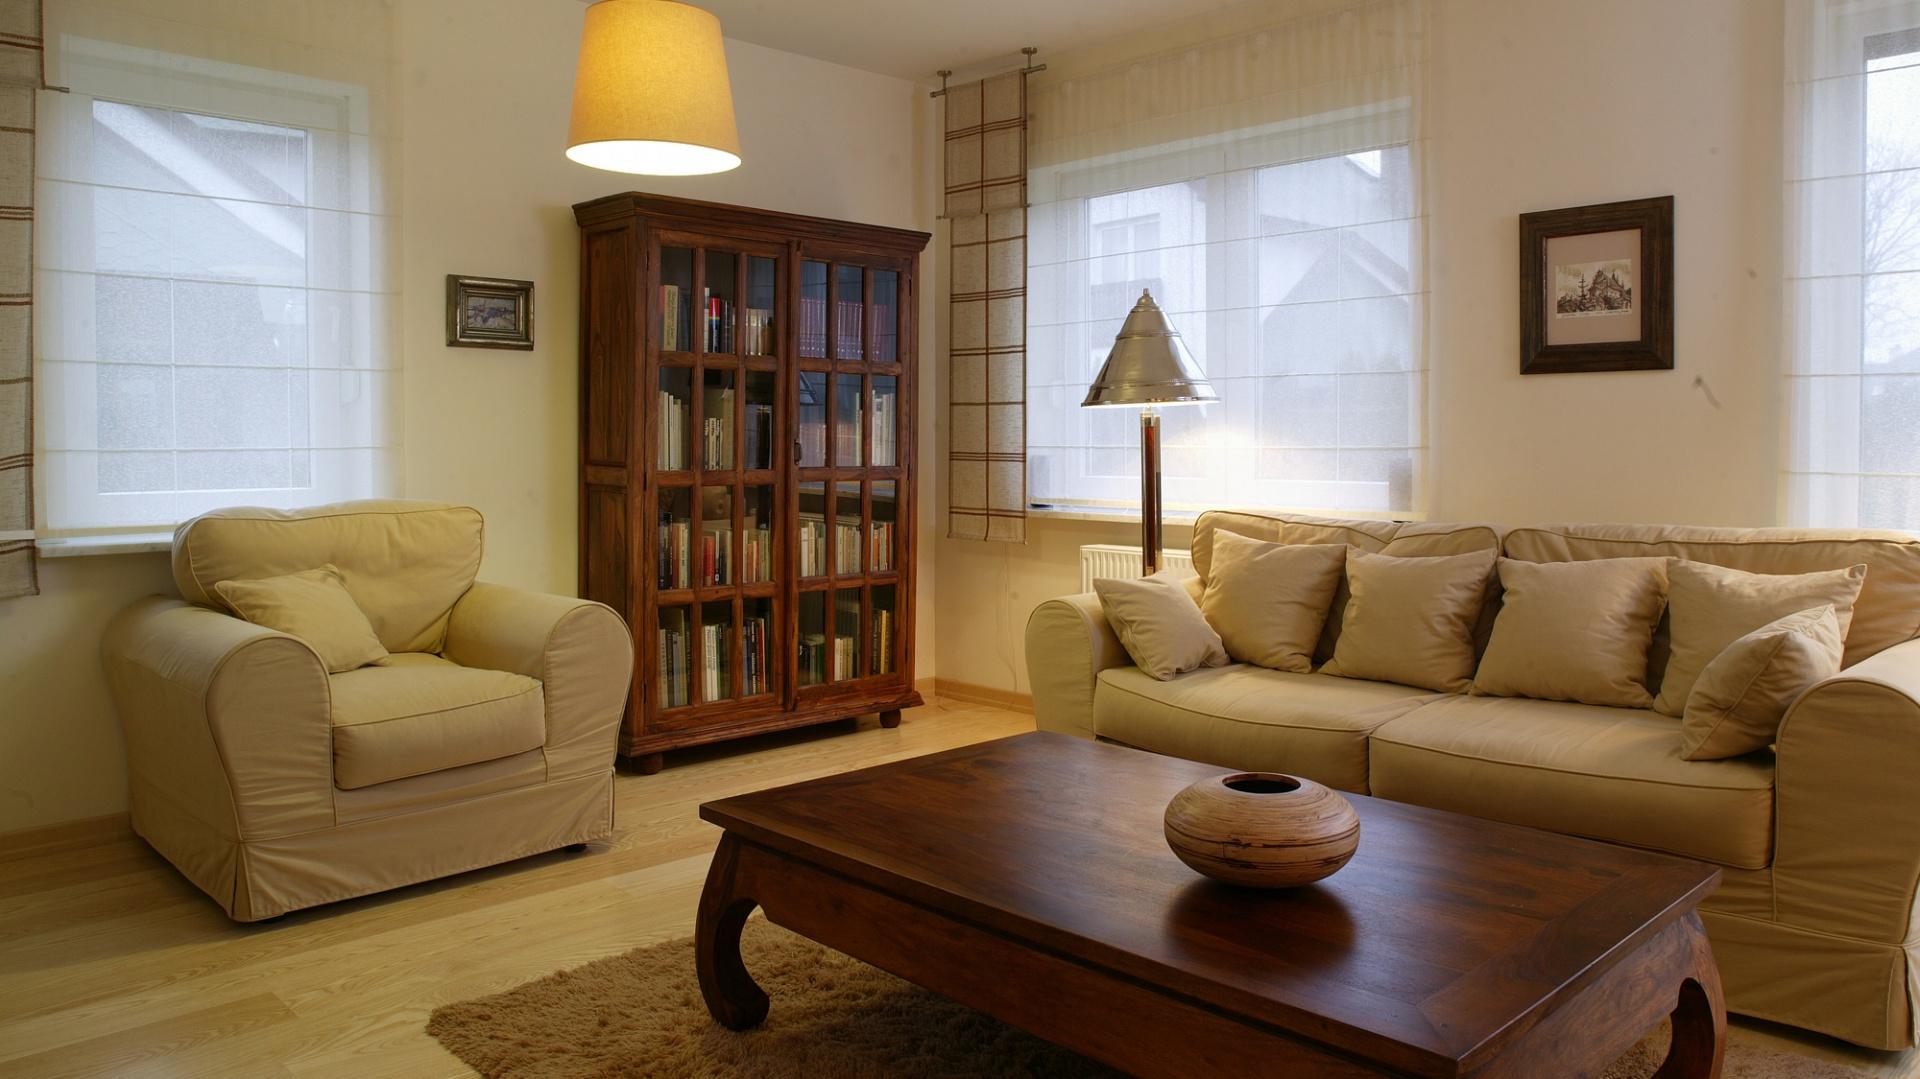 Pełen światła salon to domowe centrum. Tutaj najczęściej toczy się życie mieszkańców. Lekkości dodaje mu jasna tonacja i ilość mebli ograniczona do minimum.